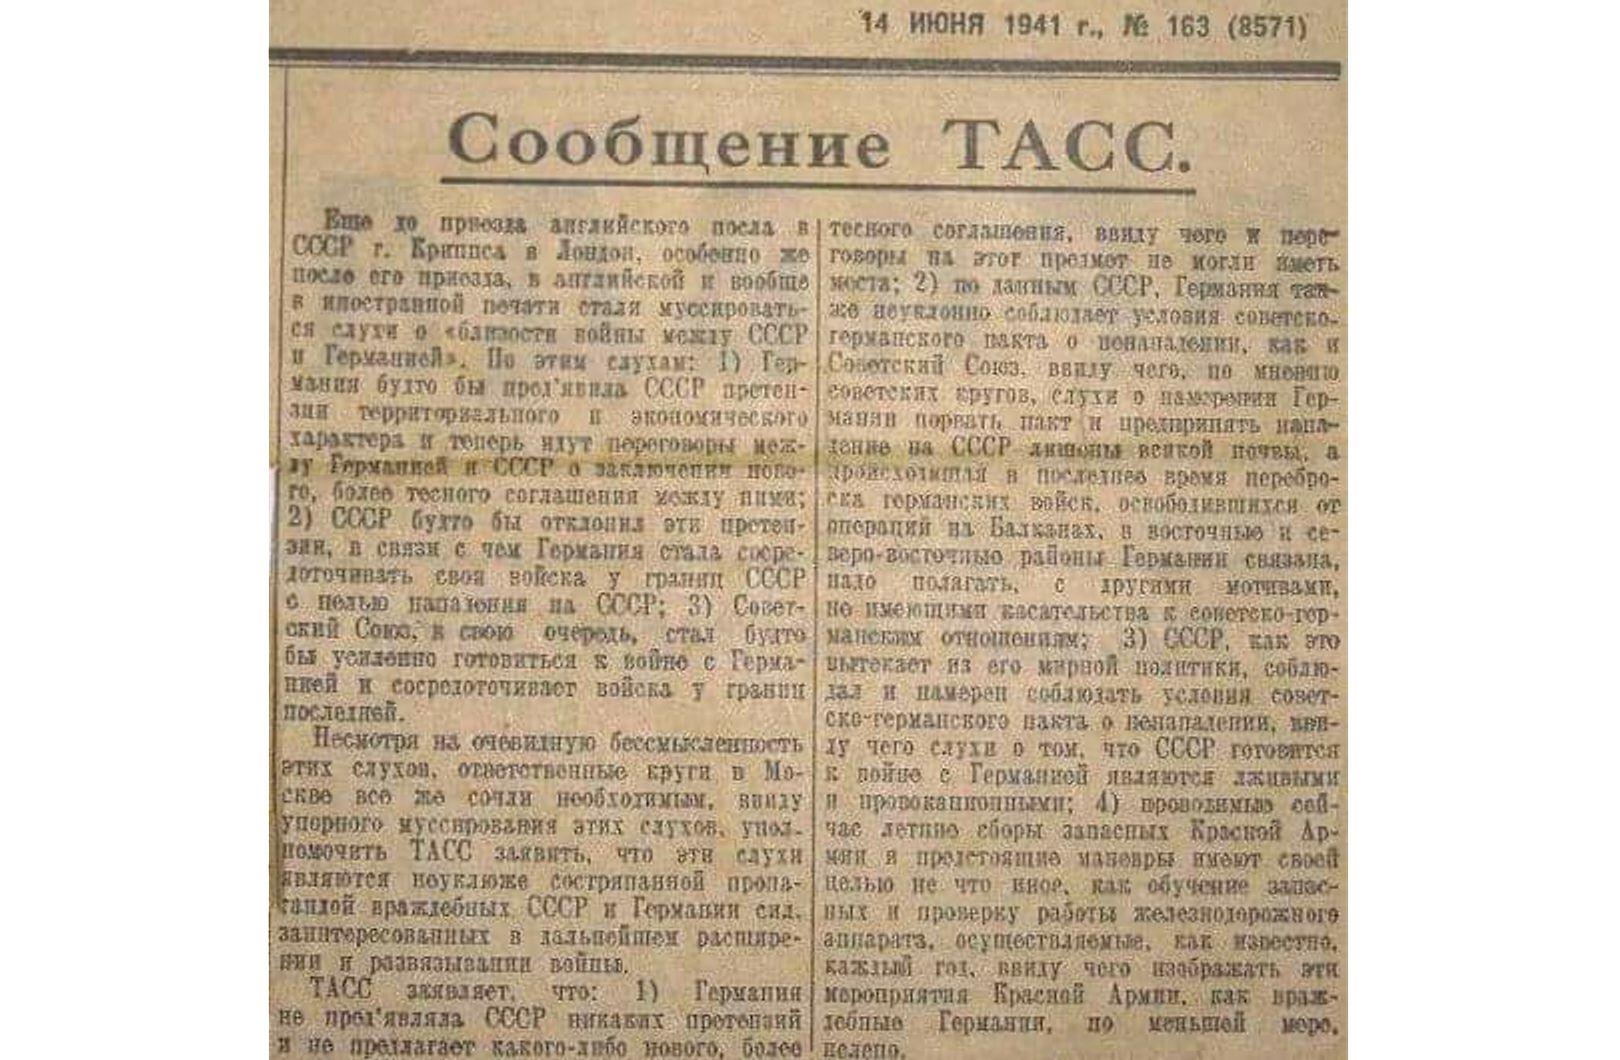 Сообщение ТАСС 14 июня 1941 года